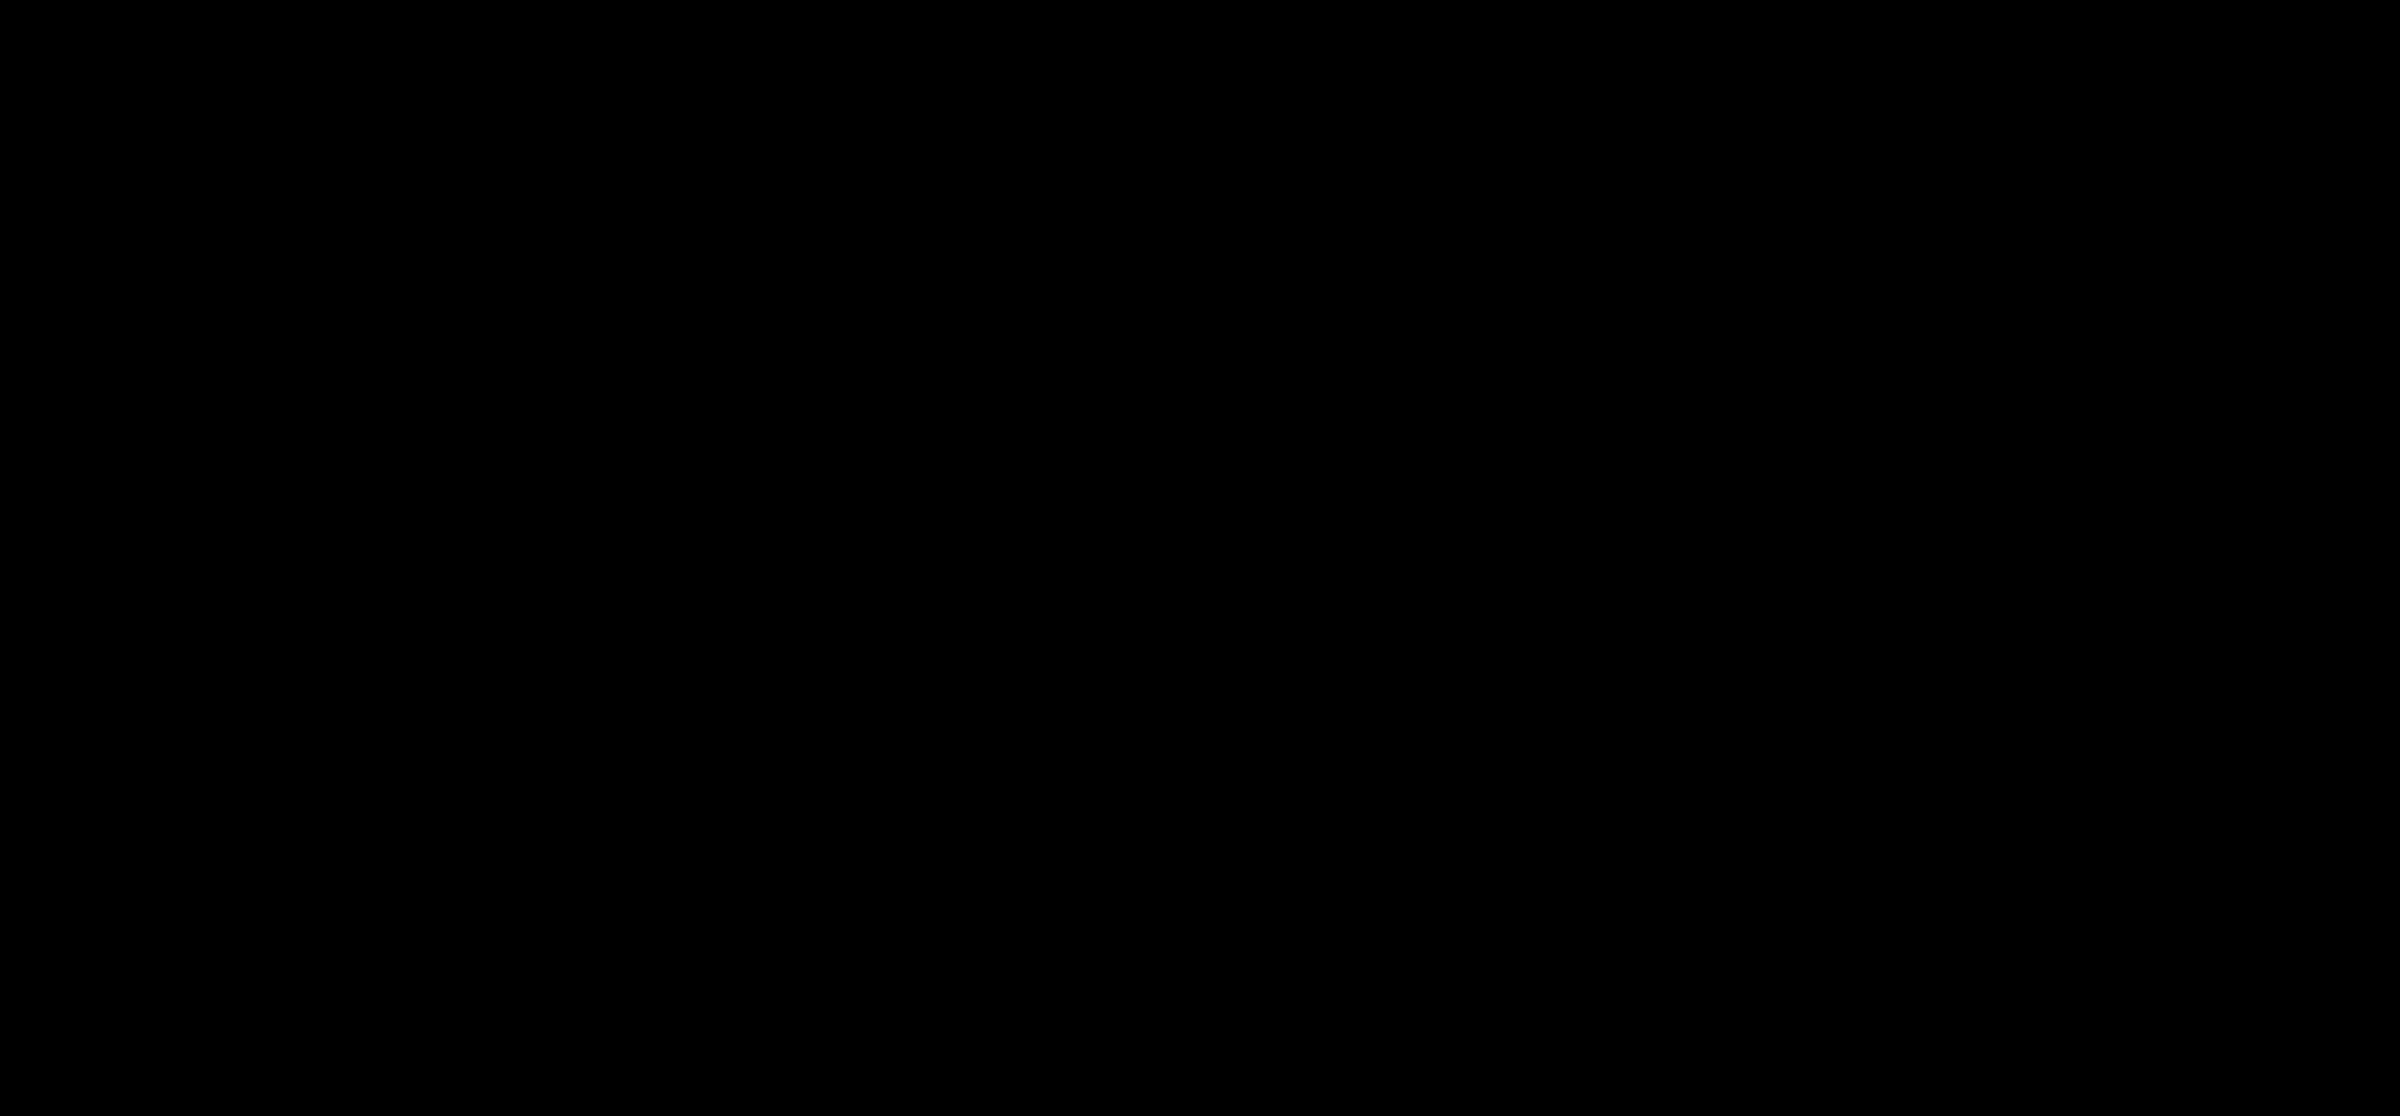 Anaconda PNG - 27333